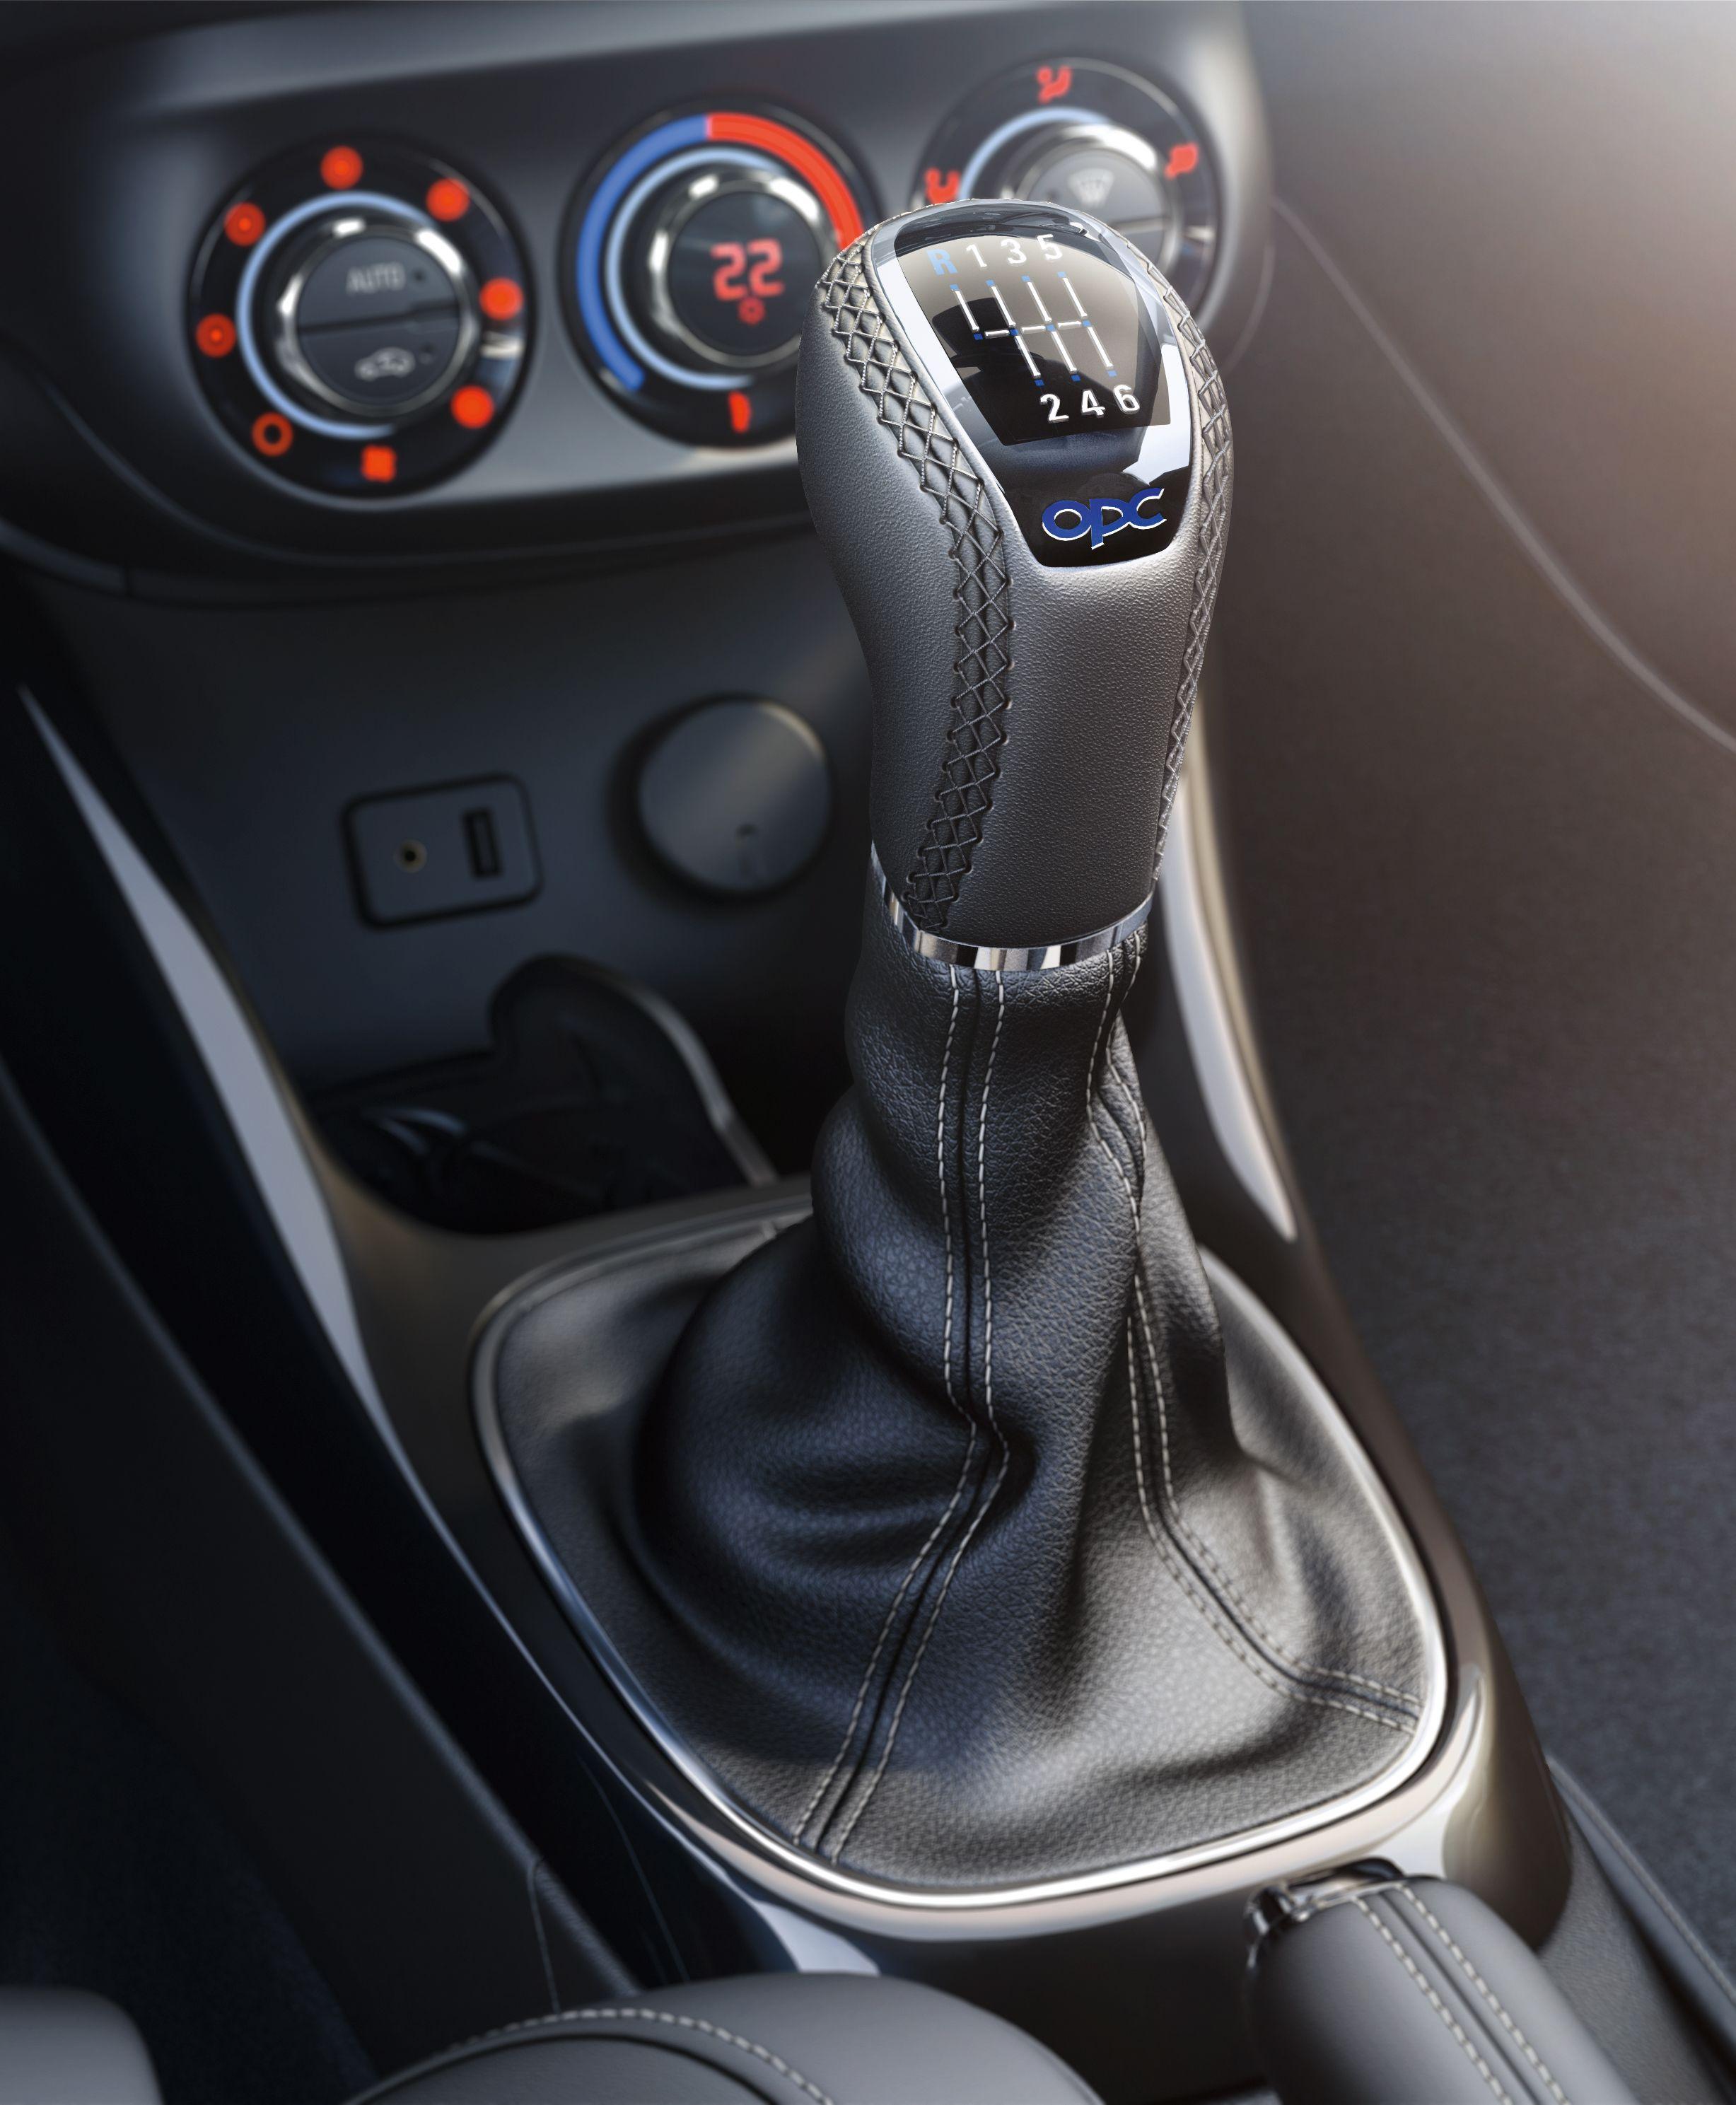 Duitsers Maken Geen Grappen Opel Corsa Opc Manify Nl In 2020 Grappen